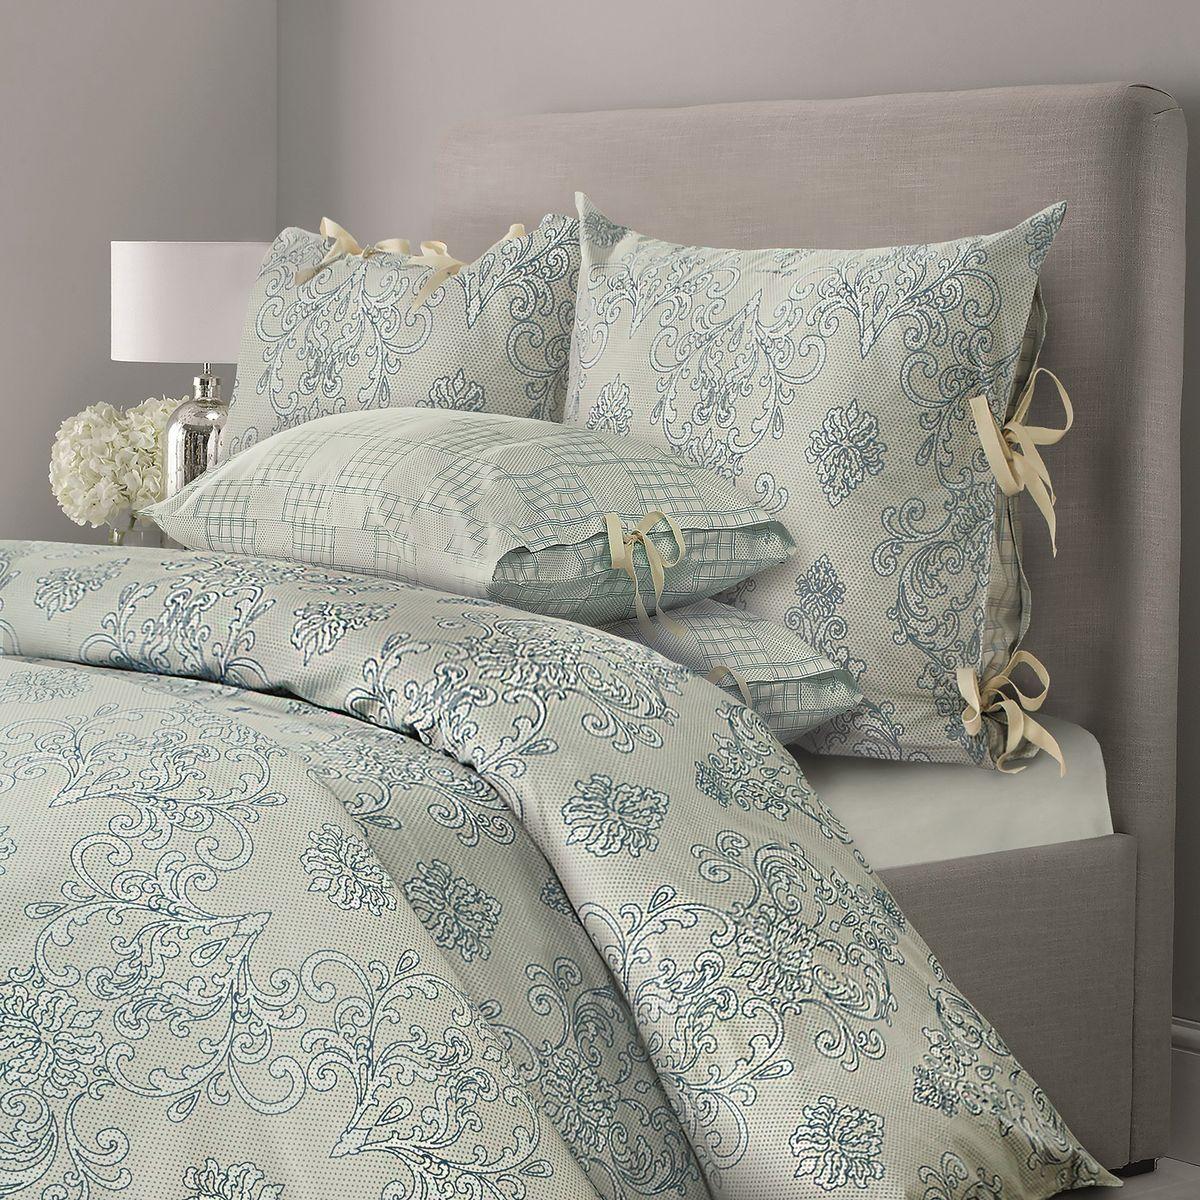 Комплект белья Mona Liza Chalet, 2-спальное, наволочки 50x70, цвет: зеленая олива5758/3Комплекты постельного белья, подушки и одеяла выполнены в современном евростиле. Лаконичность рисунка, сдержанный колорит, элегантность, легкость и благородство — вот основные отличия CHALET. Трендовые полутона действуют расслабляющее и умиротворяюще, Ваш интерьер получится мягким, теплым, «припудренным», в нем будут царить уют и спокойствие.